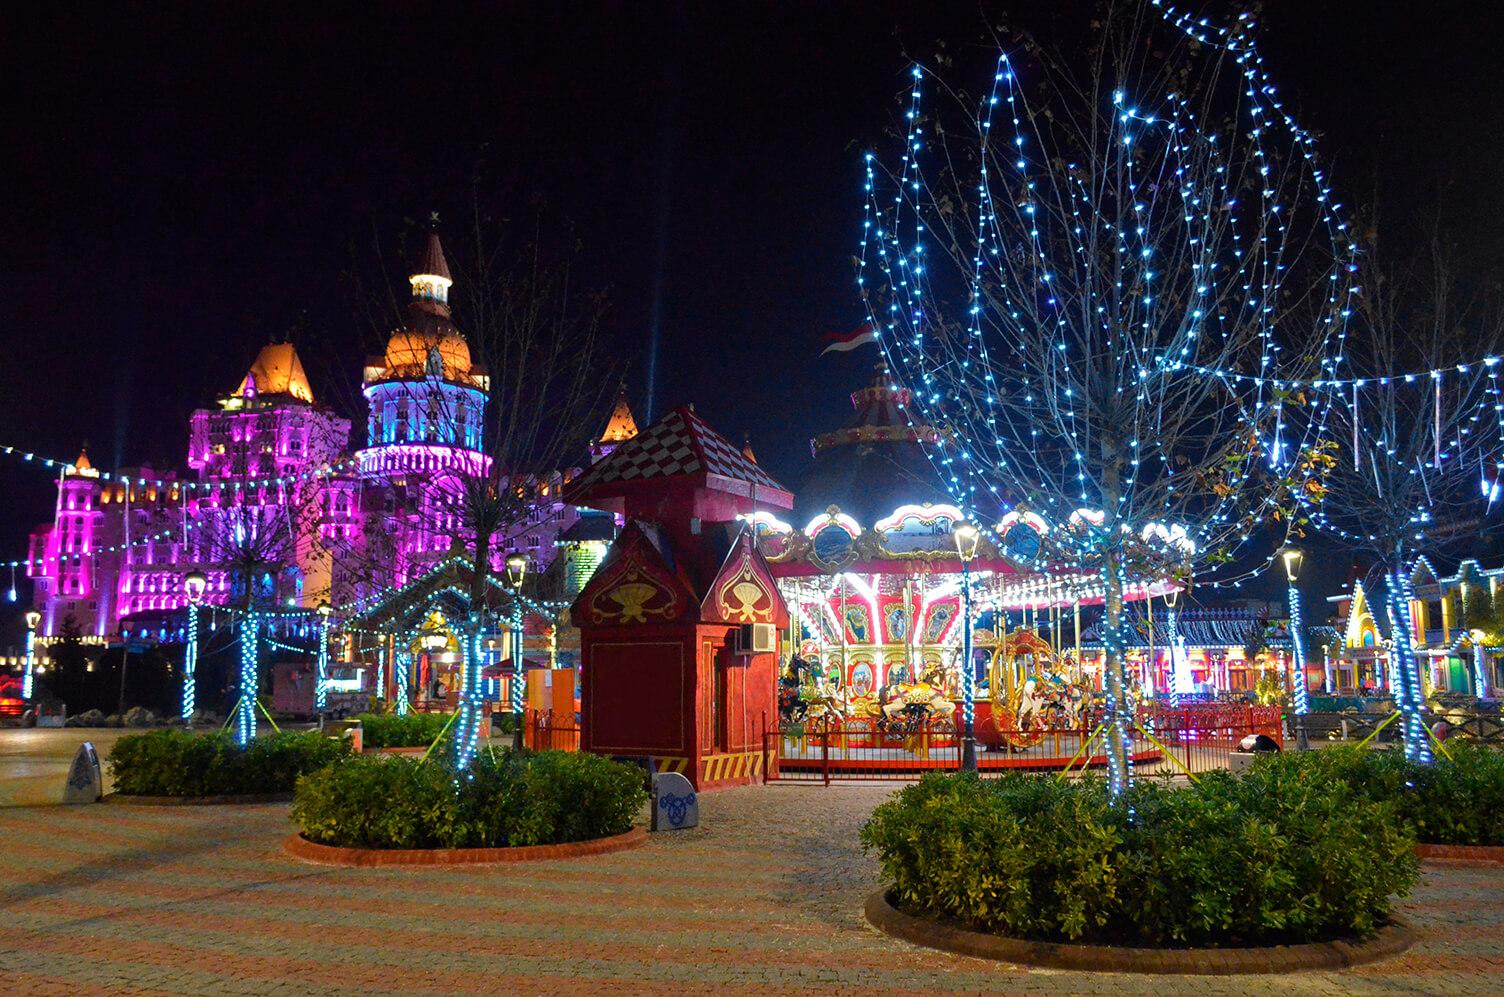 Сочи парк на новогодние праздники - Где отдохнуть в декабре